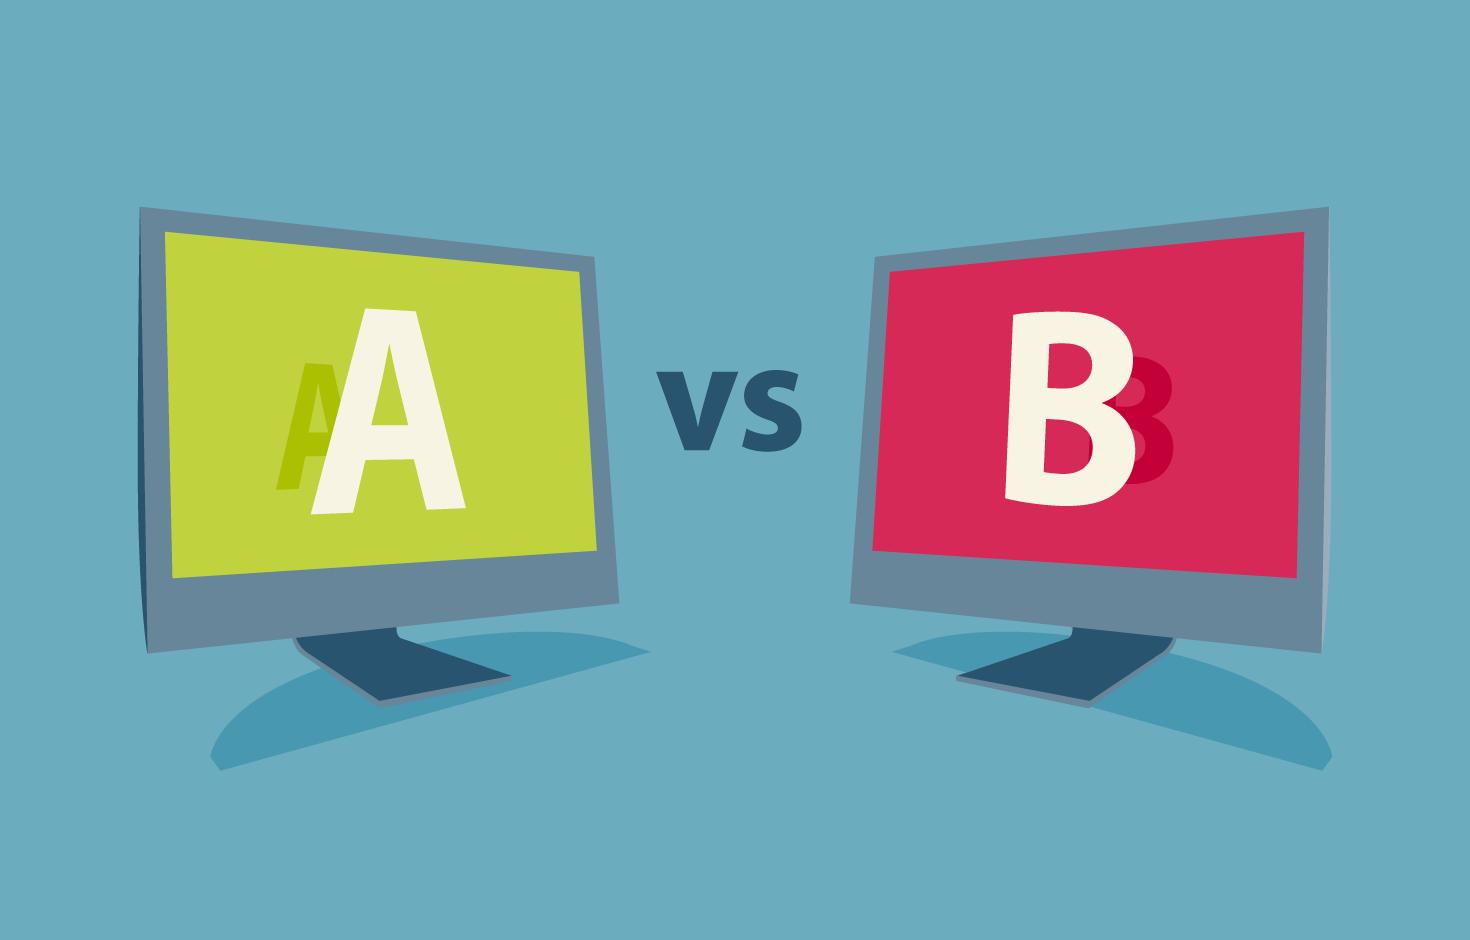 AB_testing_2